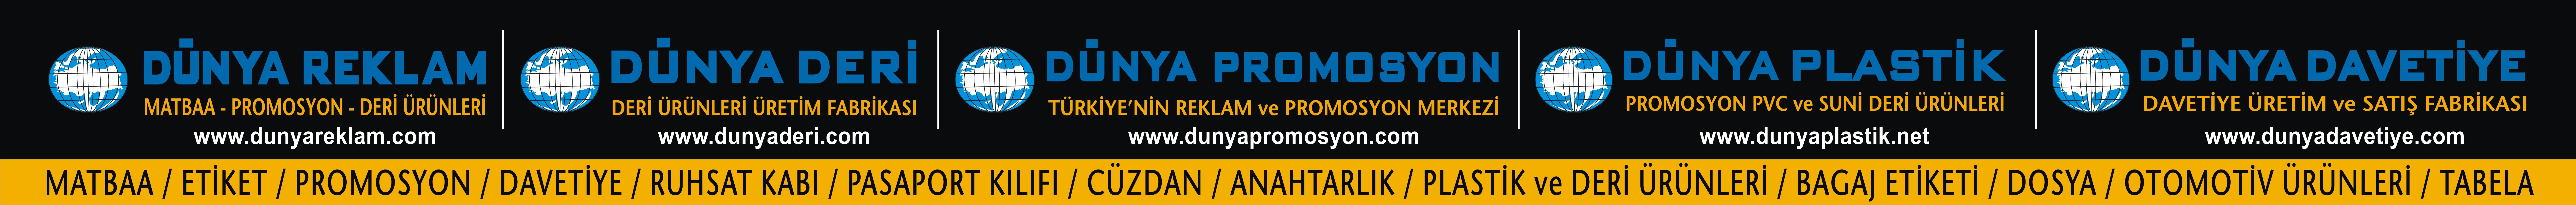 Türkiye'nin En Büyük Ruhsat Kabı Fabrikası – www.ruhsatkaplari.com